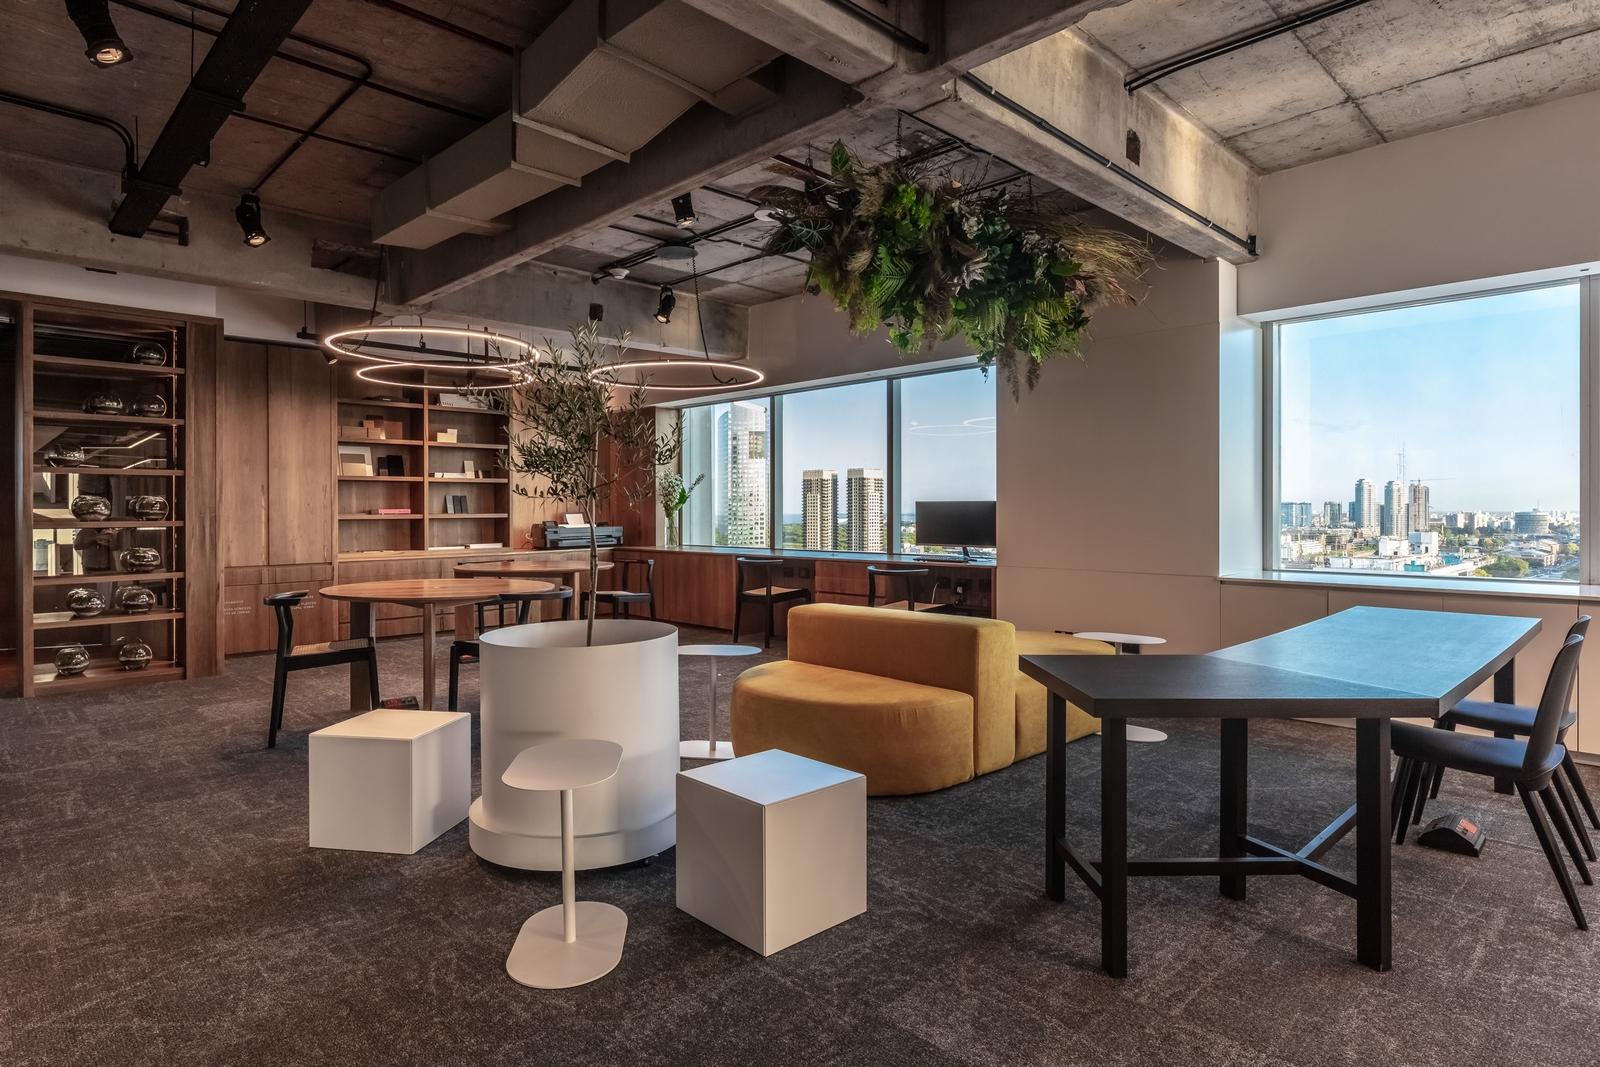 Oficinas de trabajo colaborativo 22